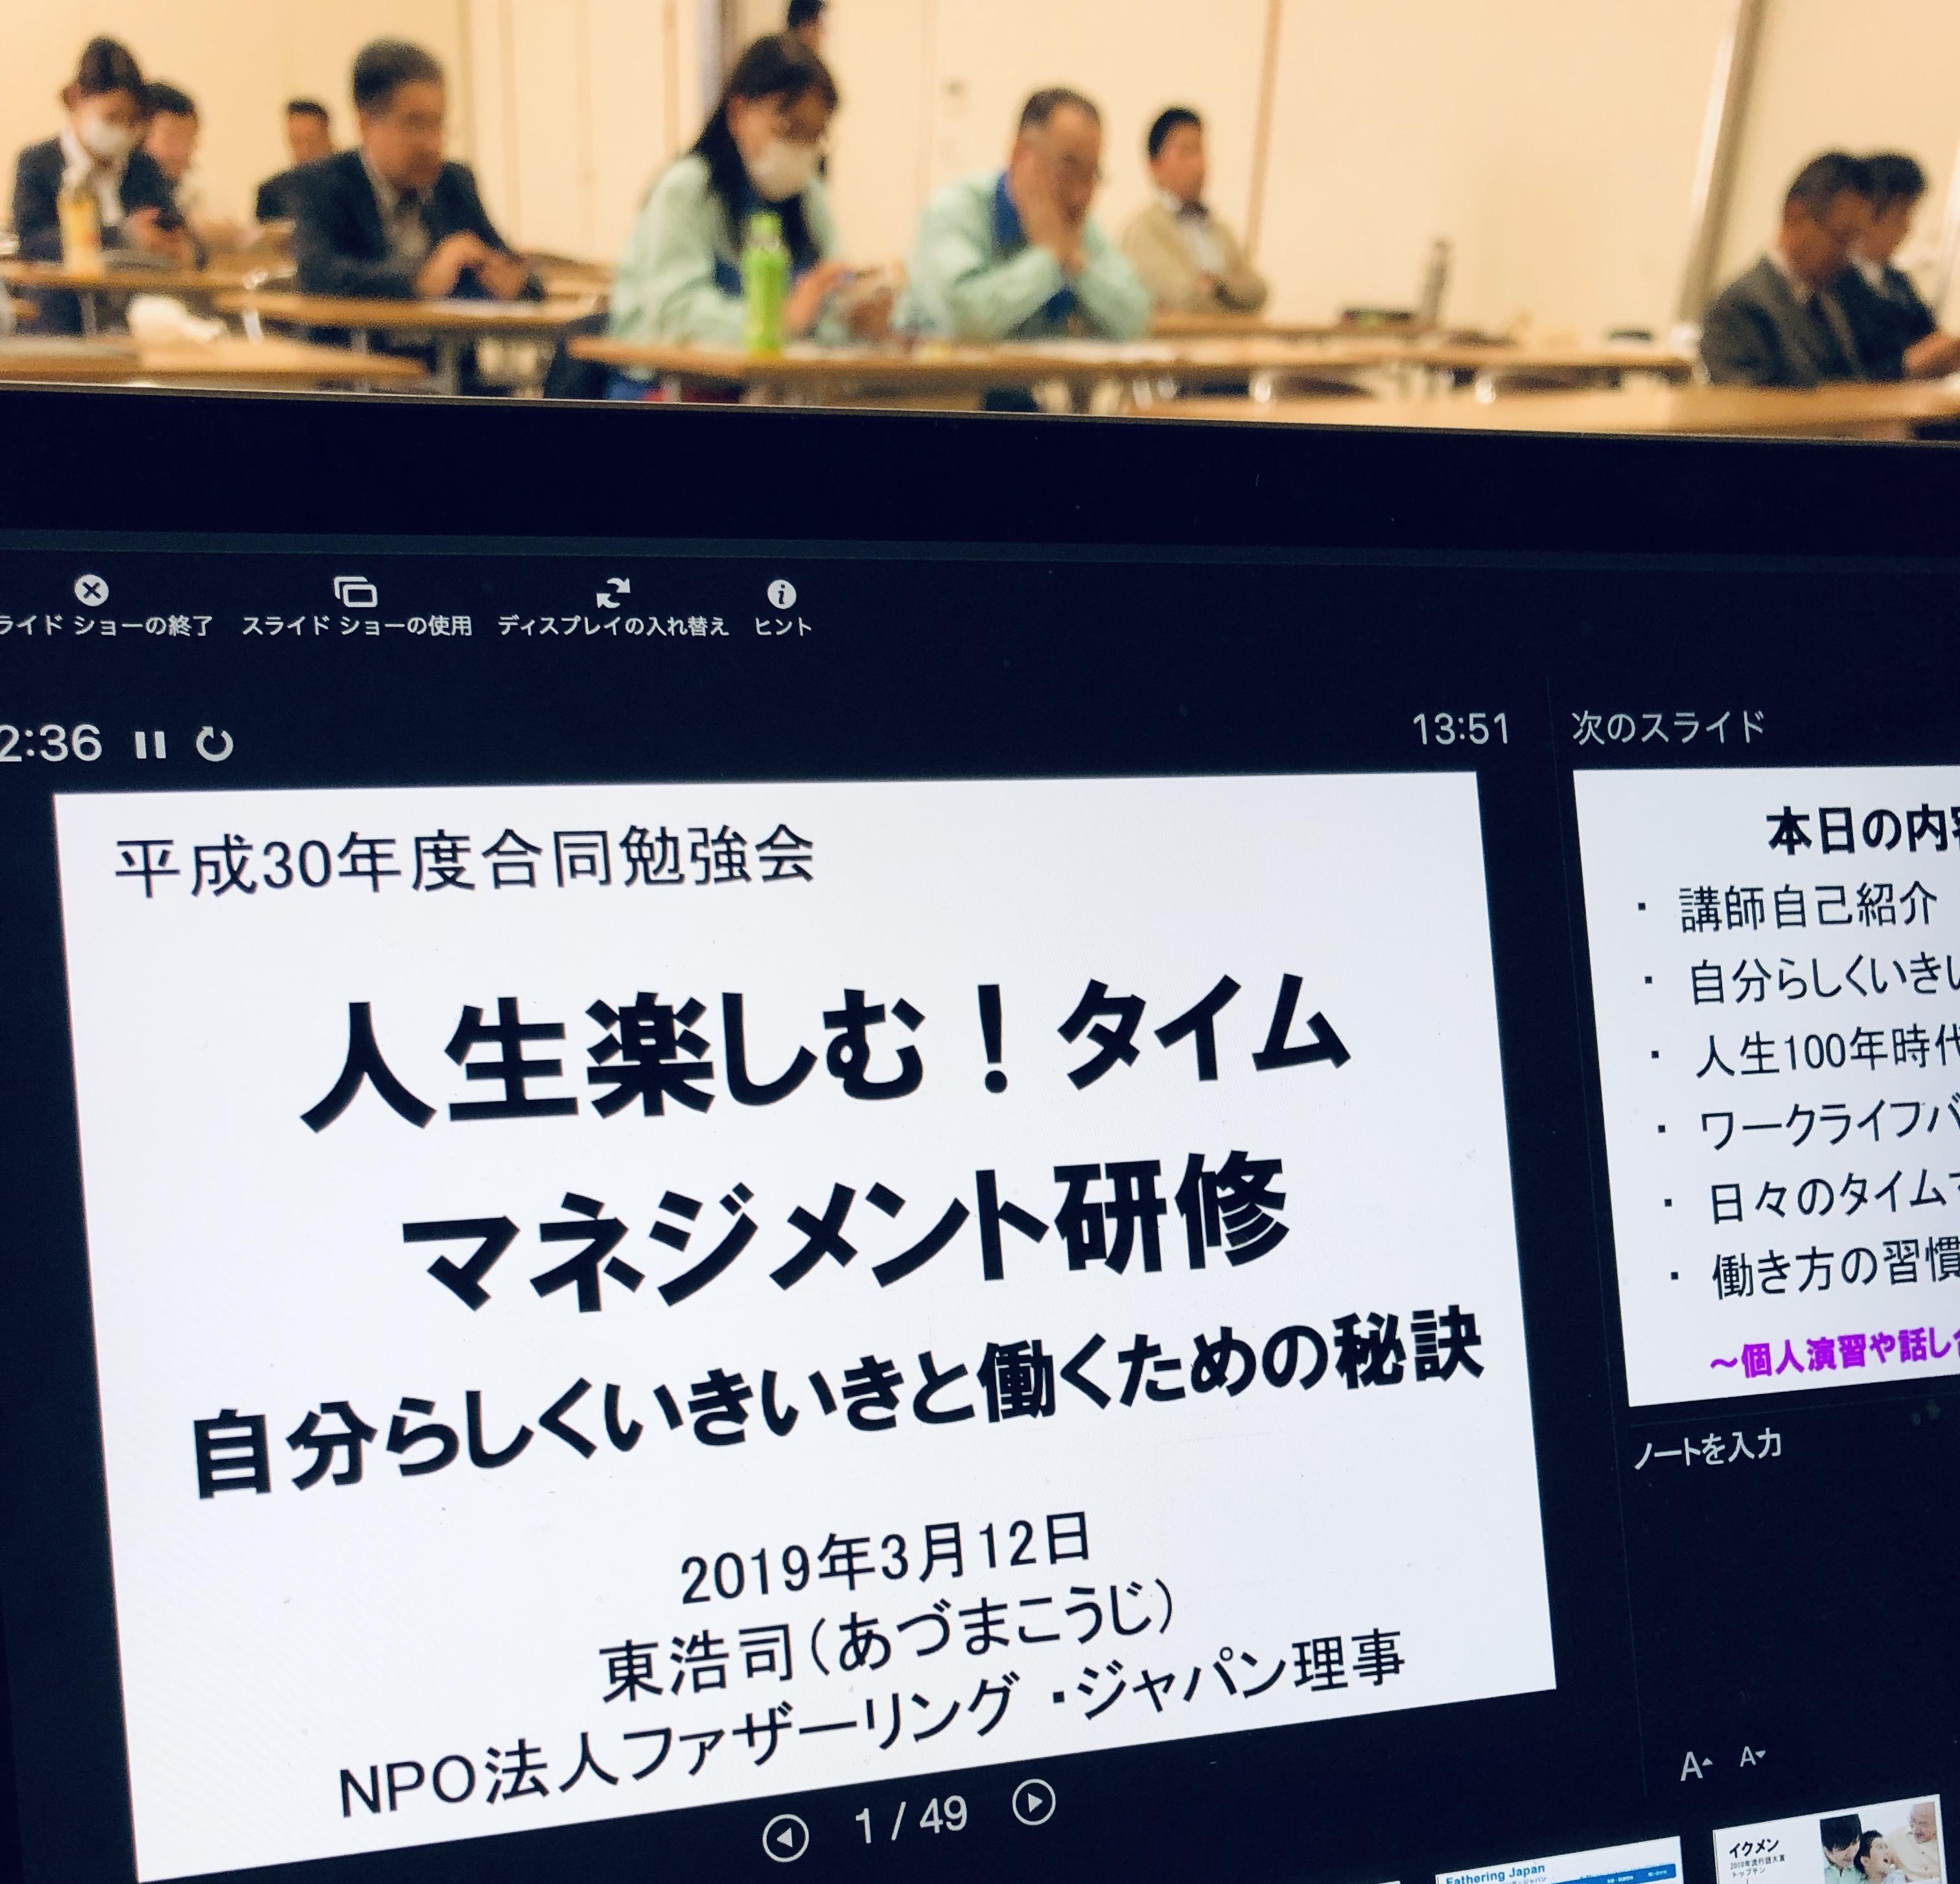 富士山の麓で「人生楽しむ!タイムマネジメント研修」